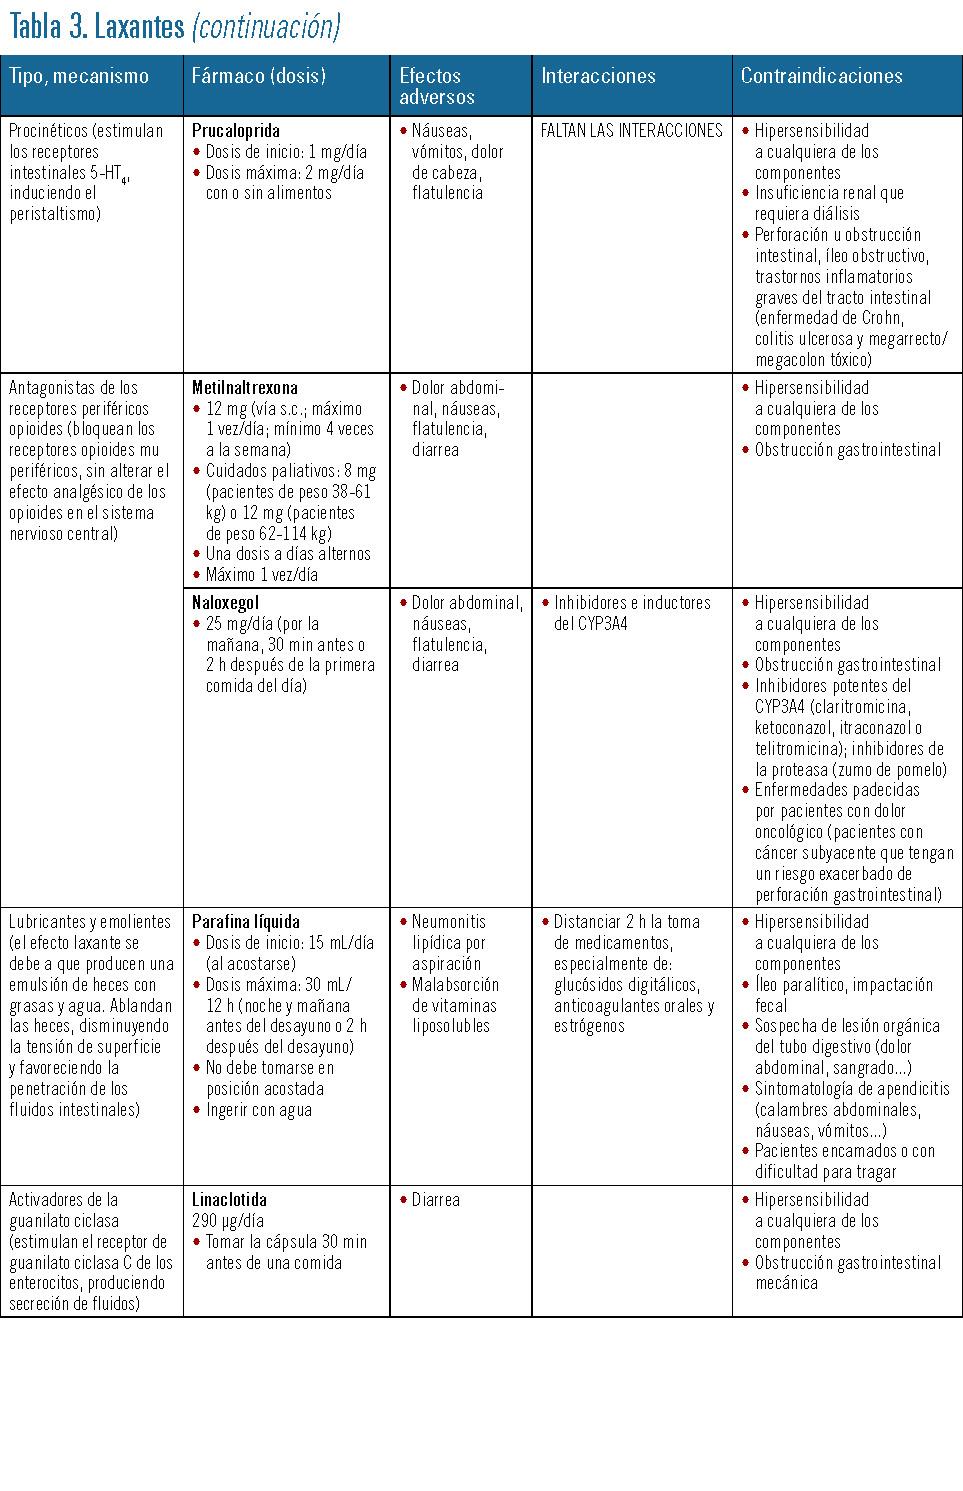 39 EF571 CURSO TEMA 13 tabla 3 continuacion 2